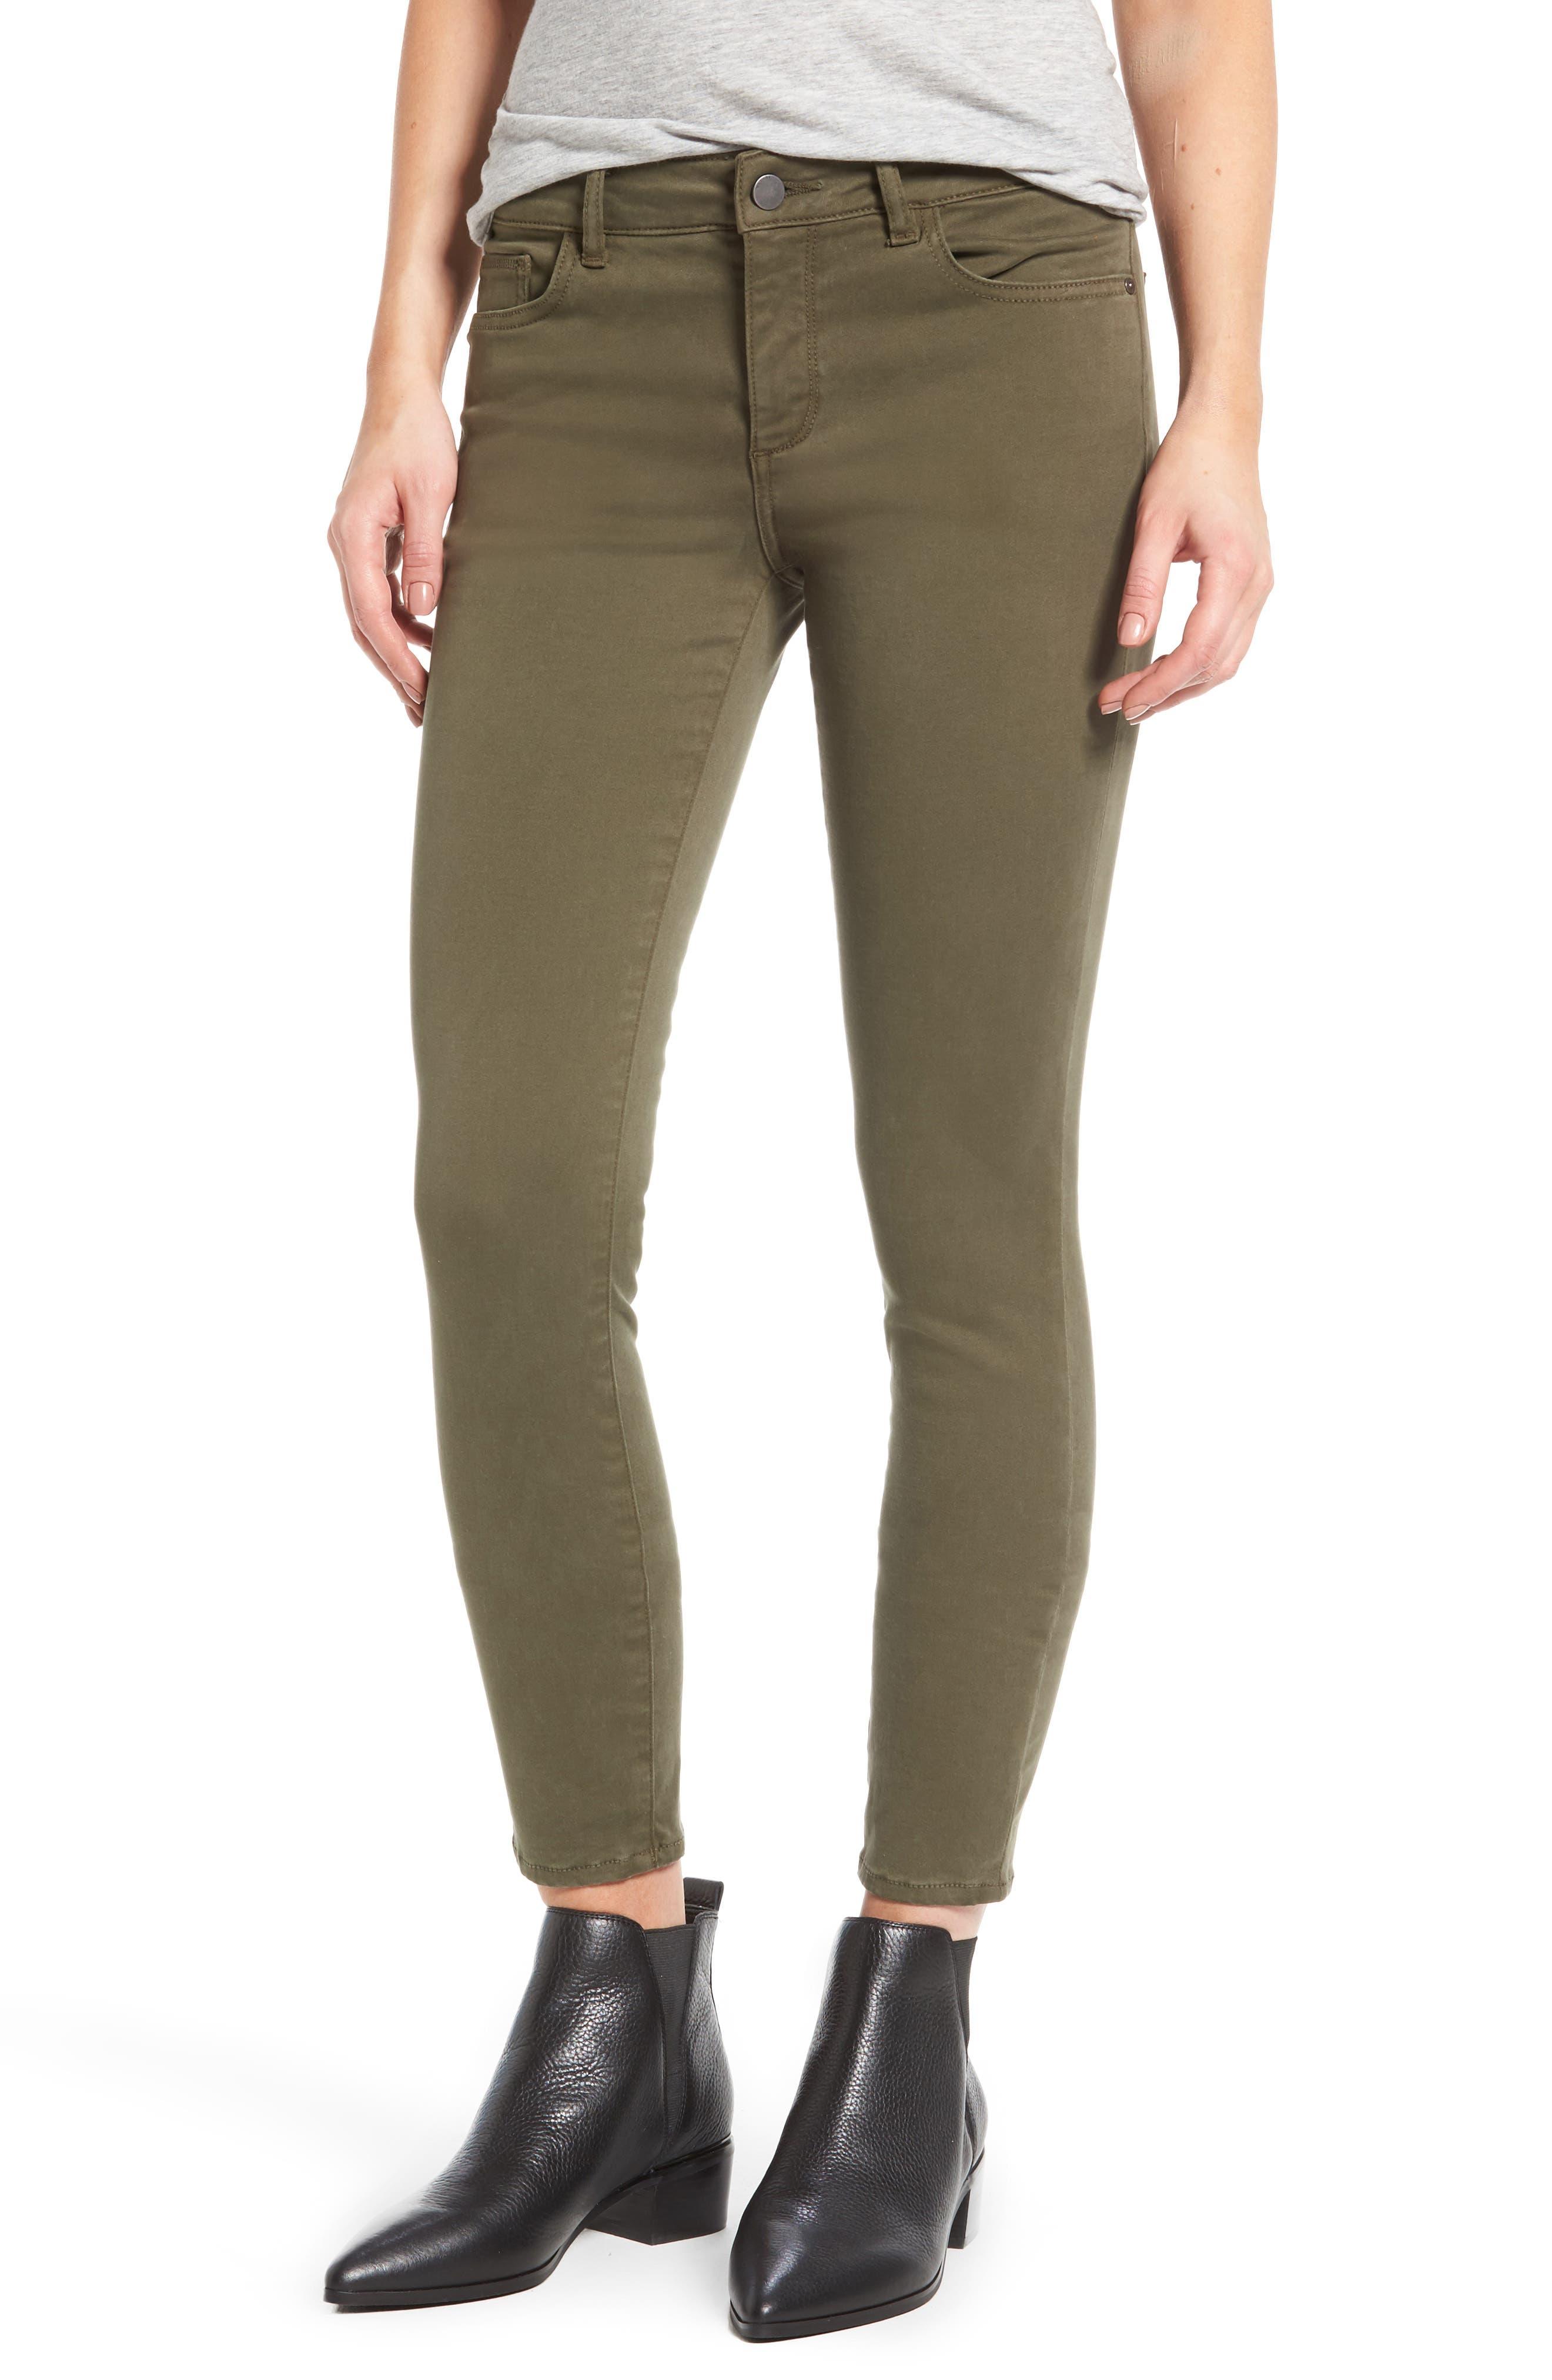 Alternate Image 1 Selected - DL1961 Margaux Instasculpt Ankle Skinny Jeans (Clover)